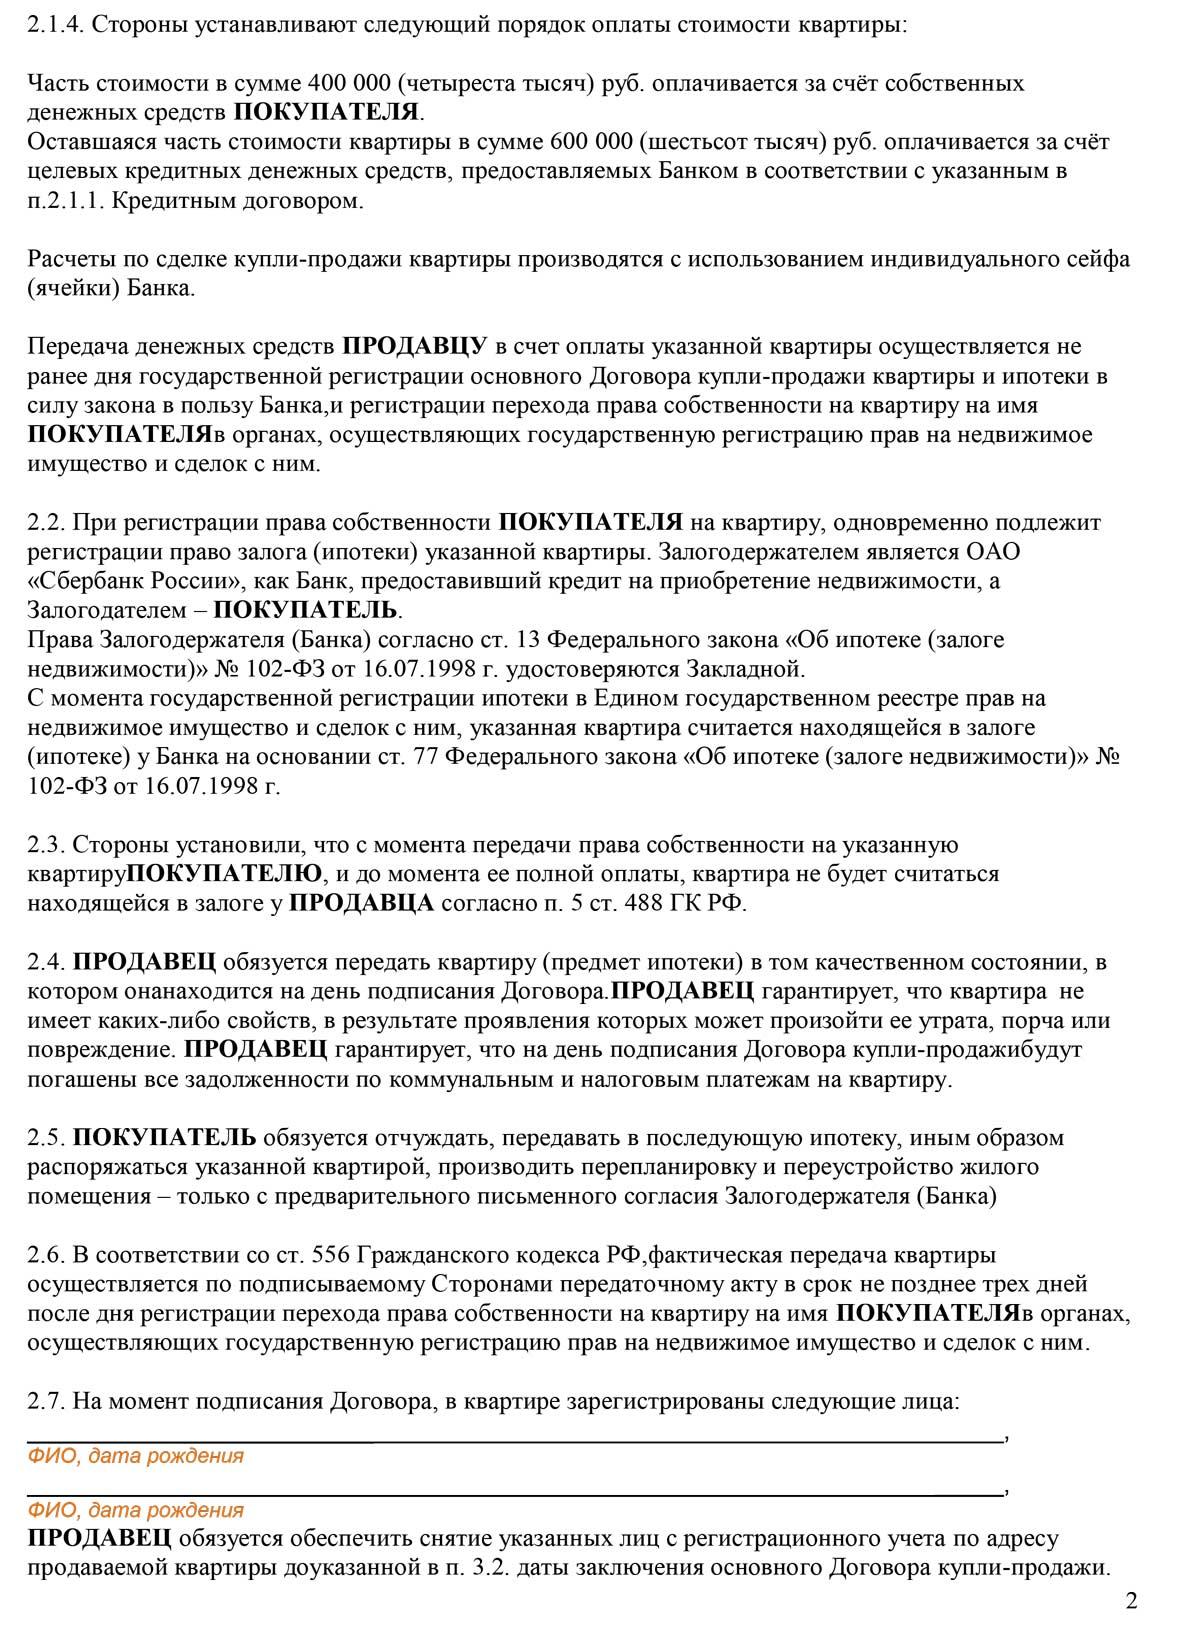 Предварительный договор-купли-продажи квартиры или комнаты 2